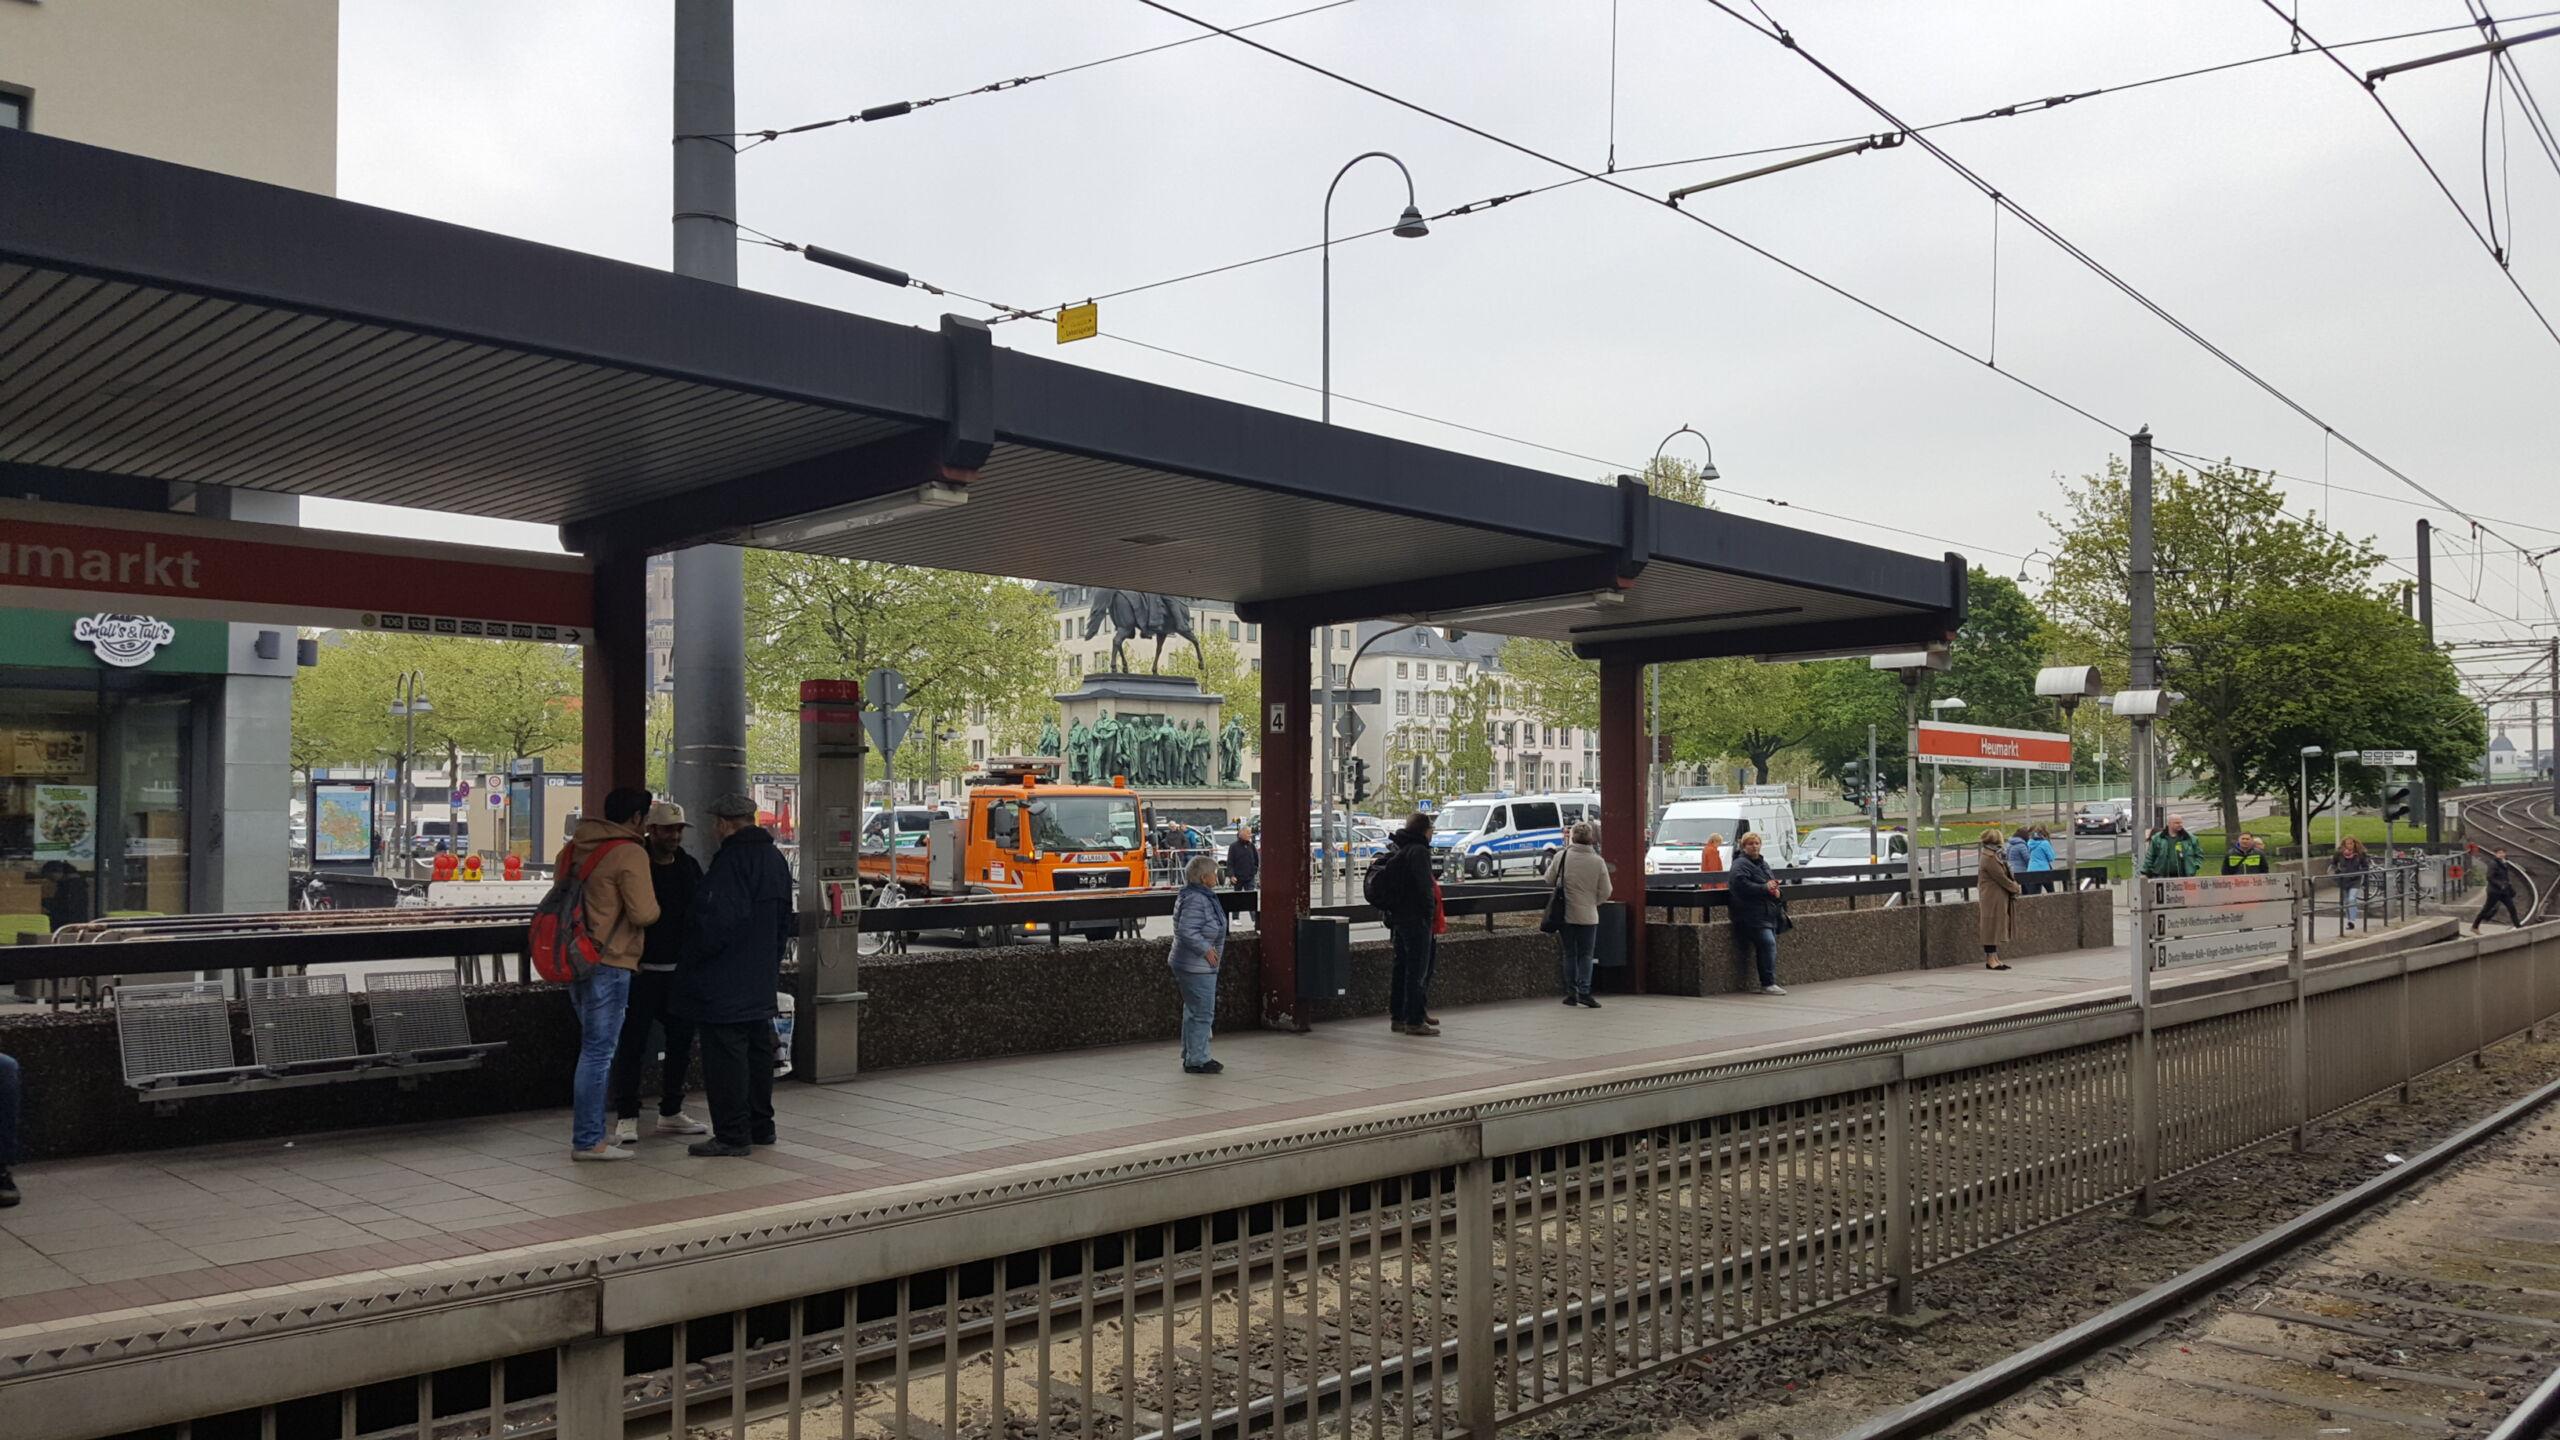 Einigung zur Nord-Süd-Stadtbahn zwischen Stadt Köln und ARGE